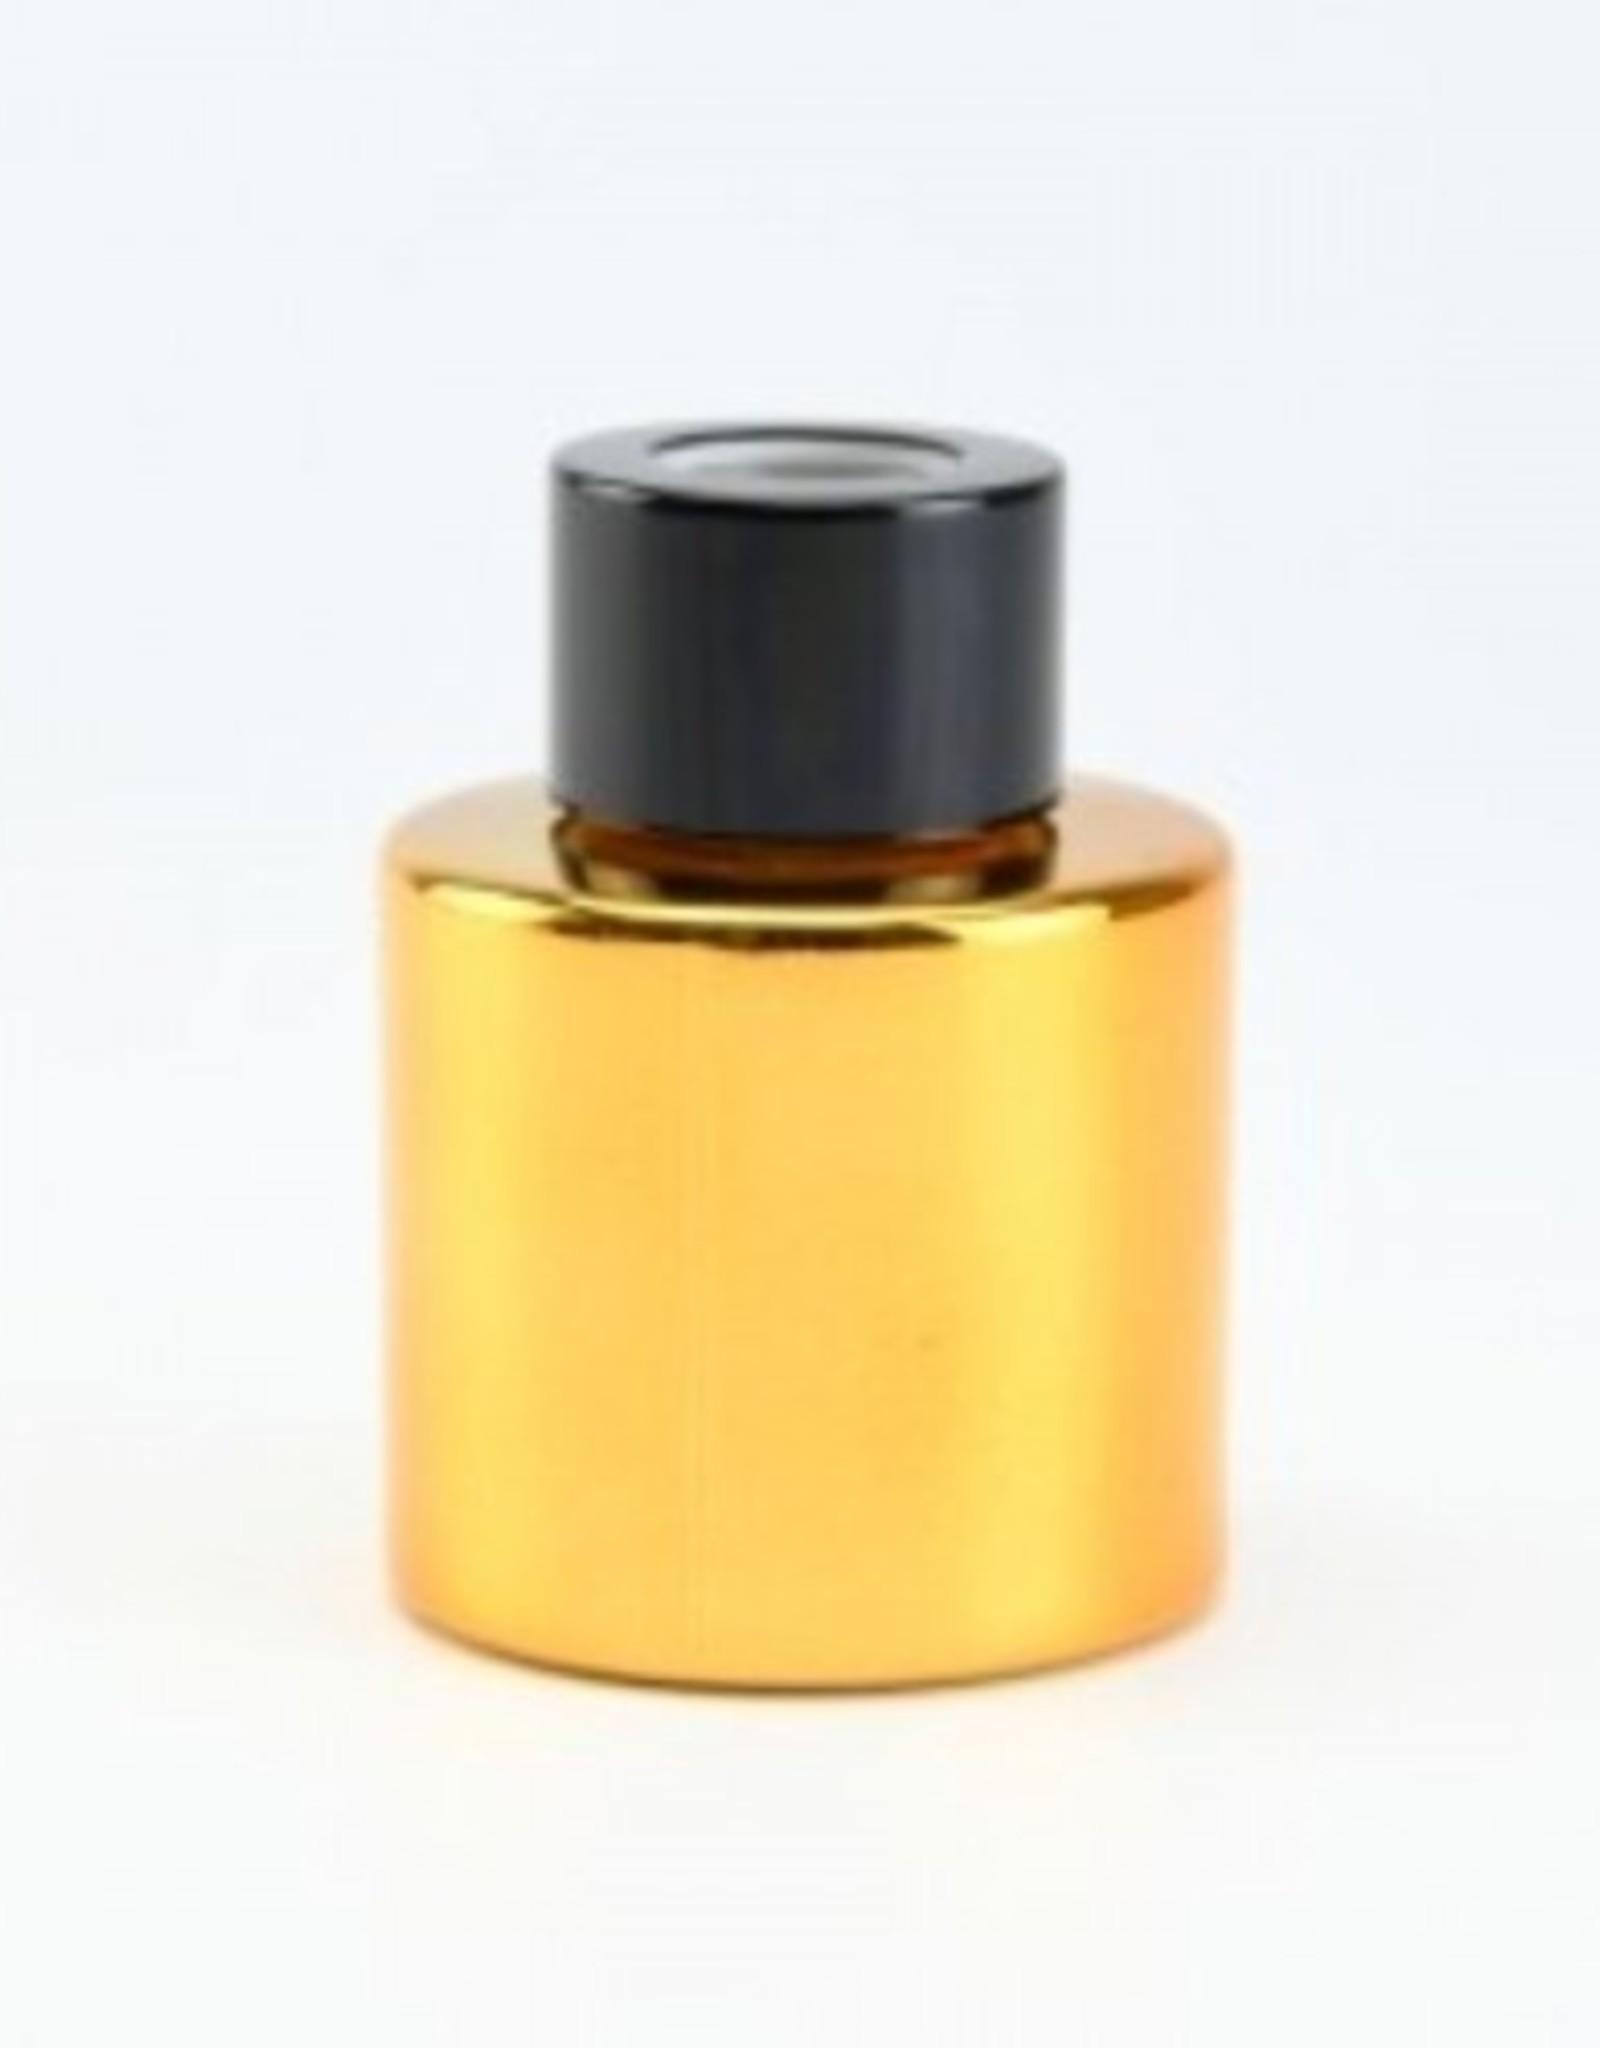 Parfumflesje rond 50ml glanzend goud met gouden dop - incl geurstokjes